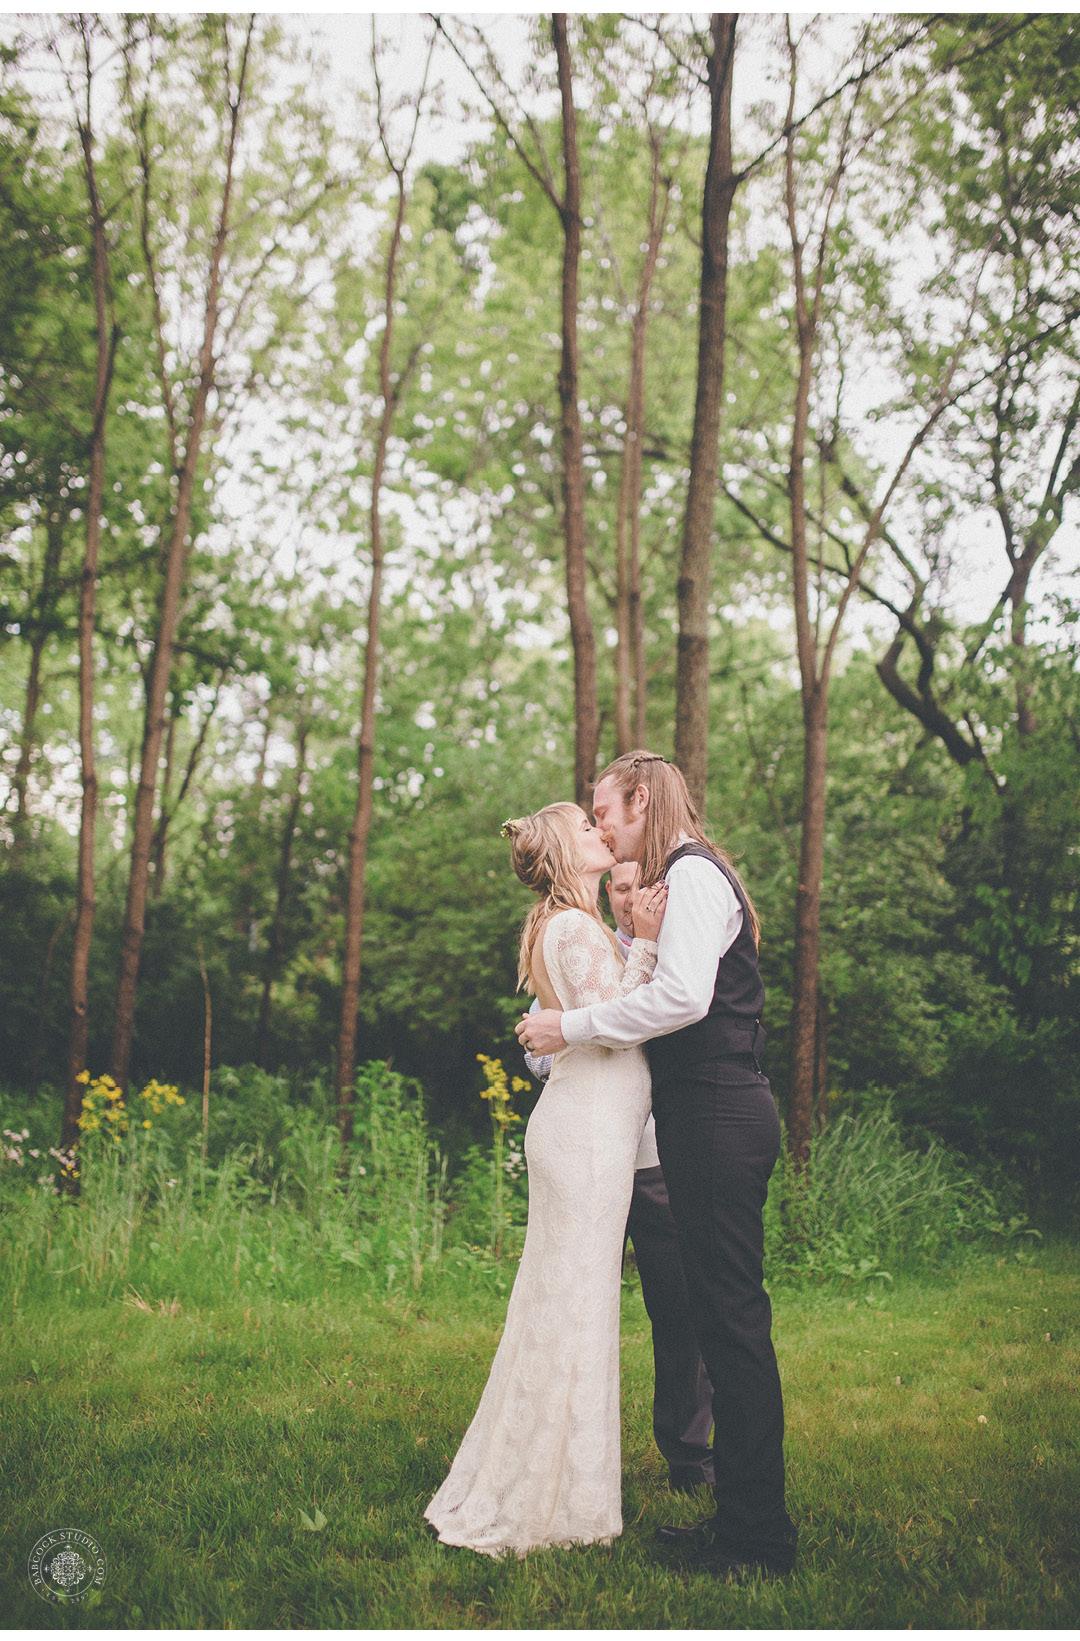 kaslin-devin-wedding-photographer-dayton-ohio-8.jpg